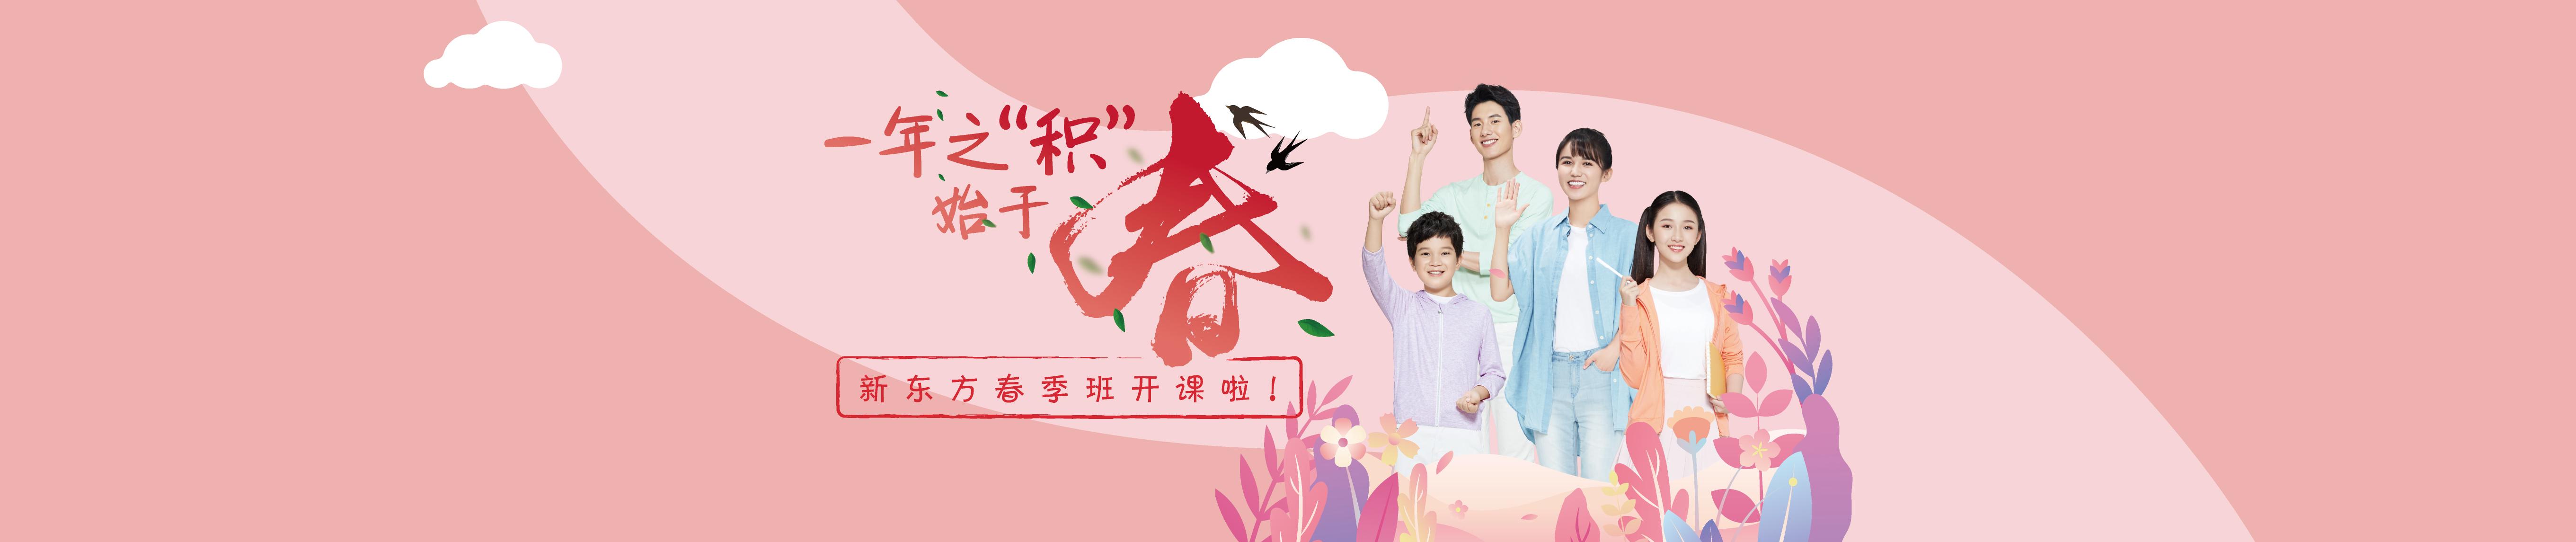 重庆新东方春季班